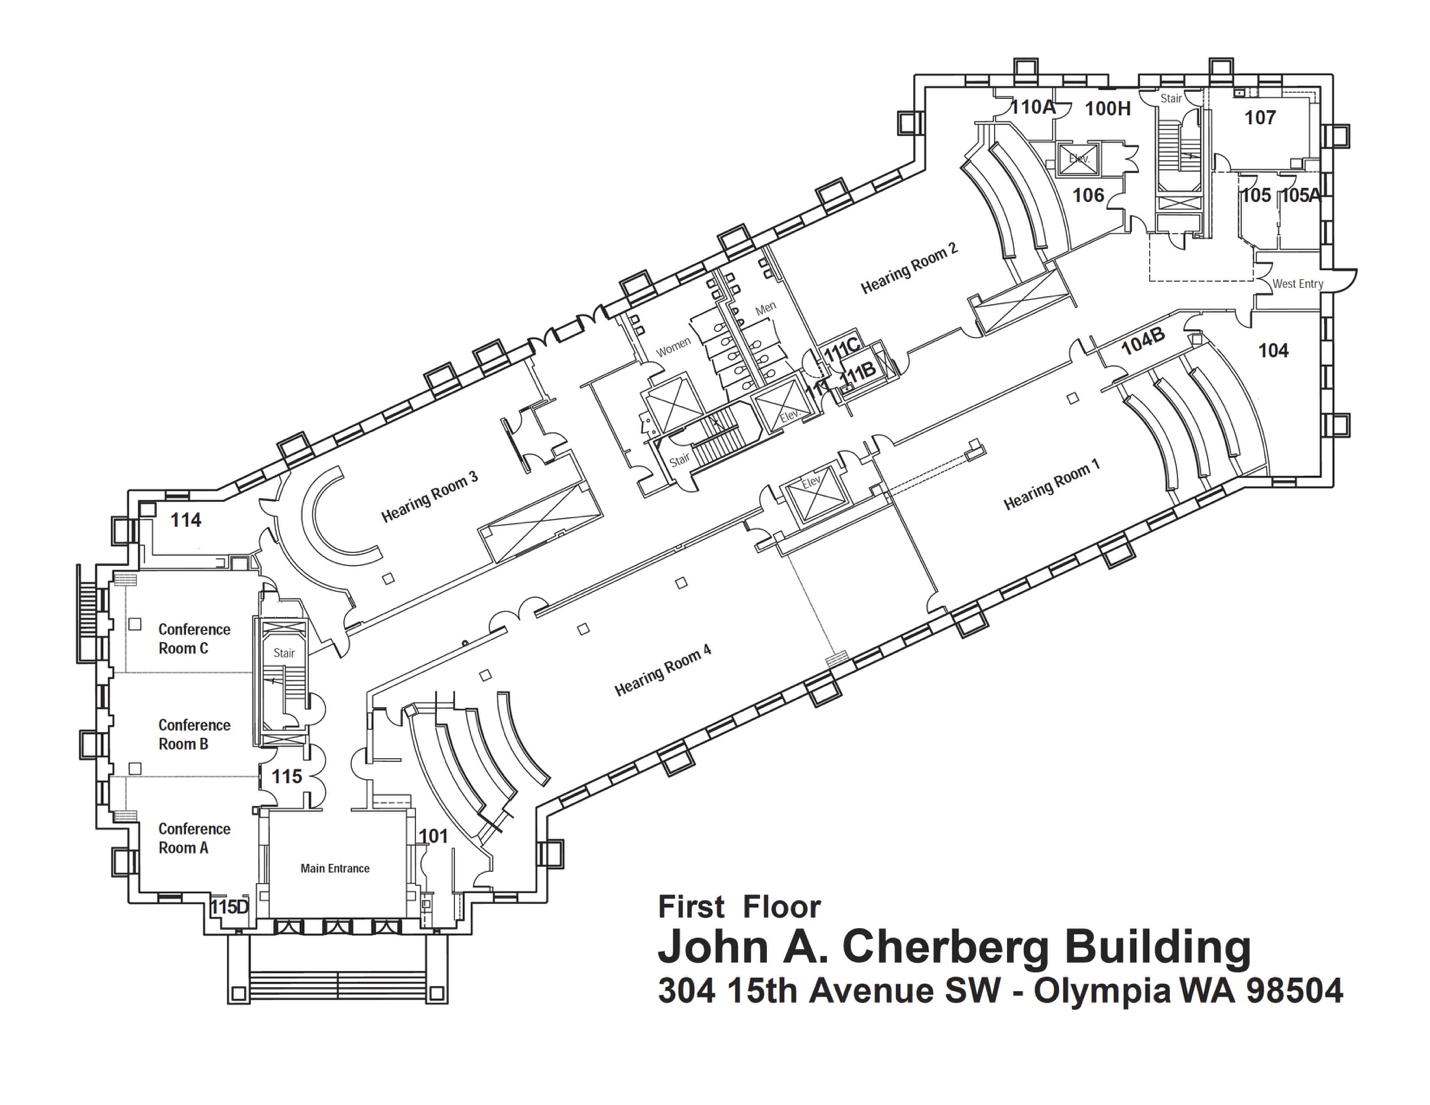 CherbergBuilding-ConfABC-MAP.jpg